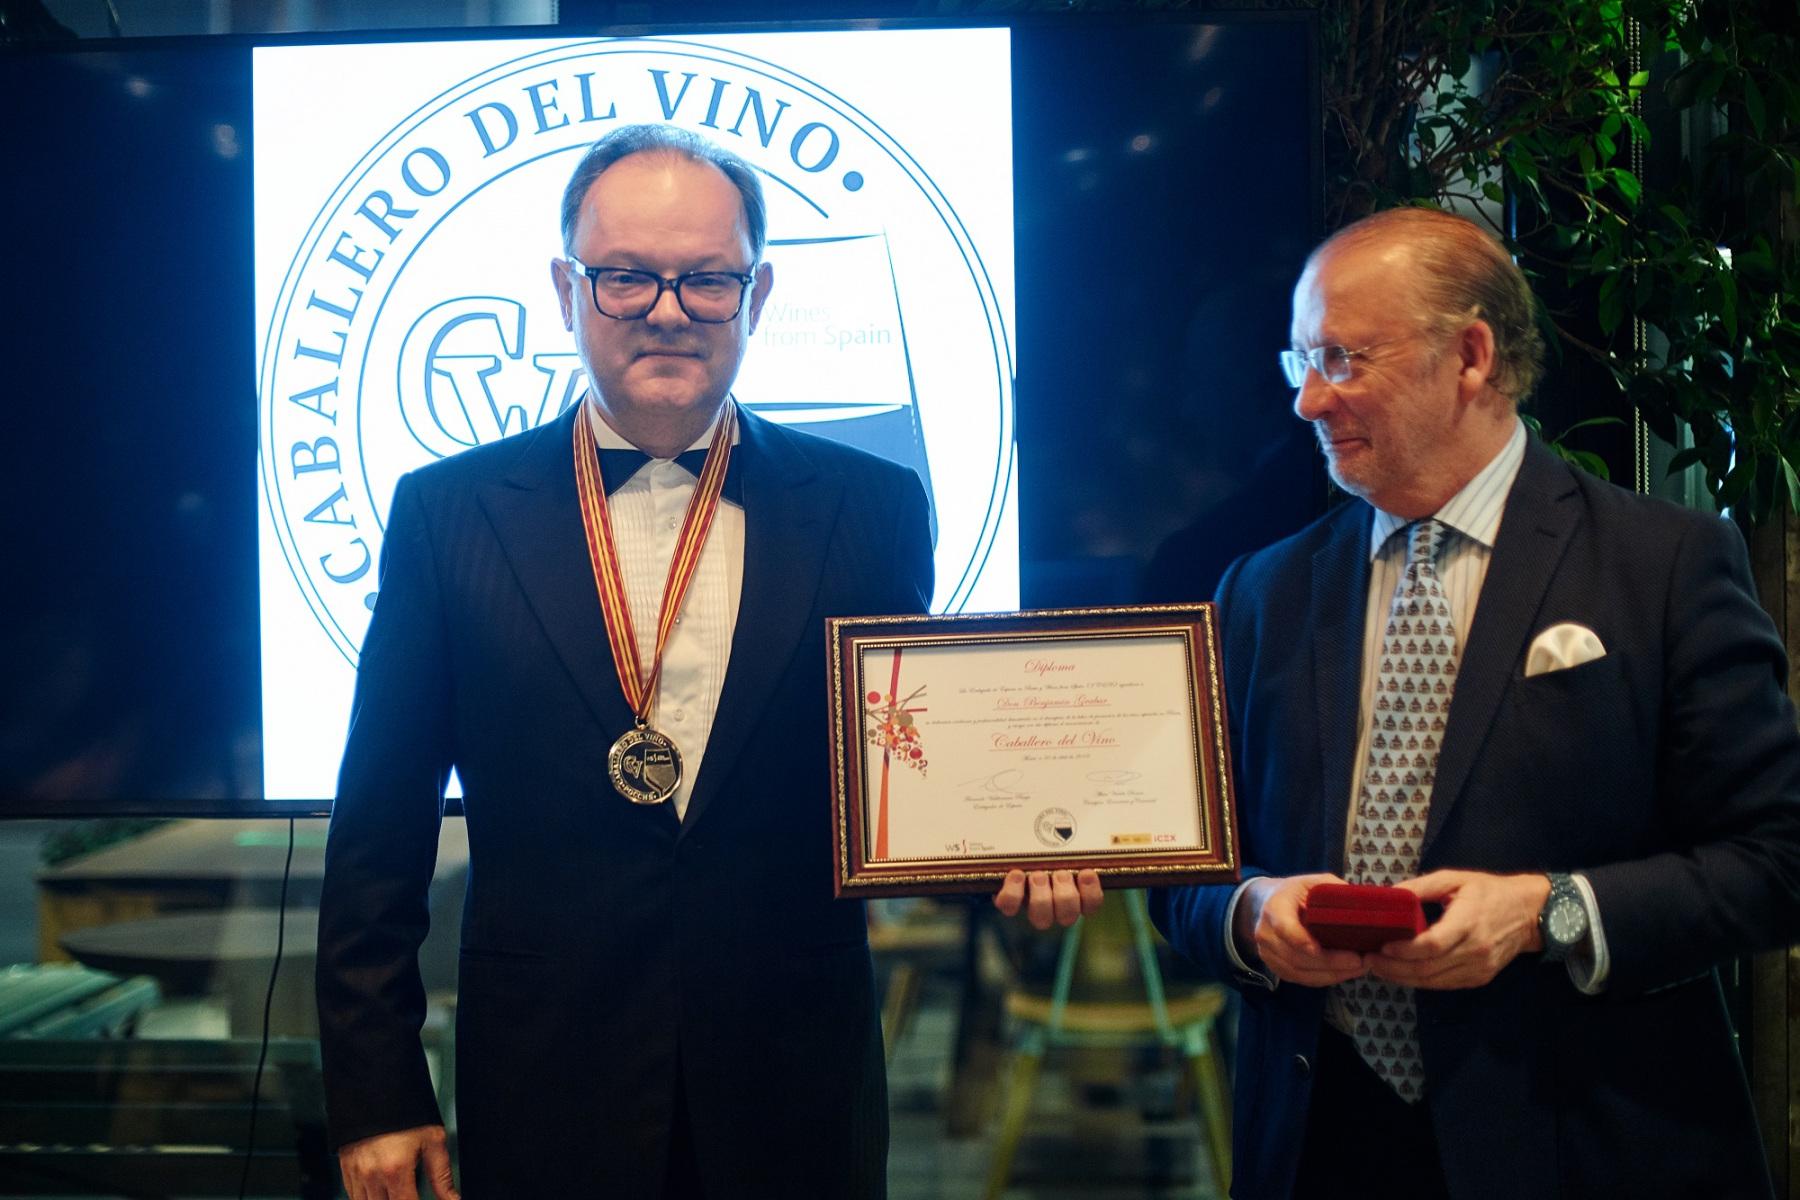 4th_ceremony_award_caballeros_y_damas_del_vino_espanol_icex_moscow_april_2019_1_20190513_1107560789